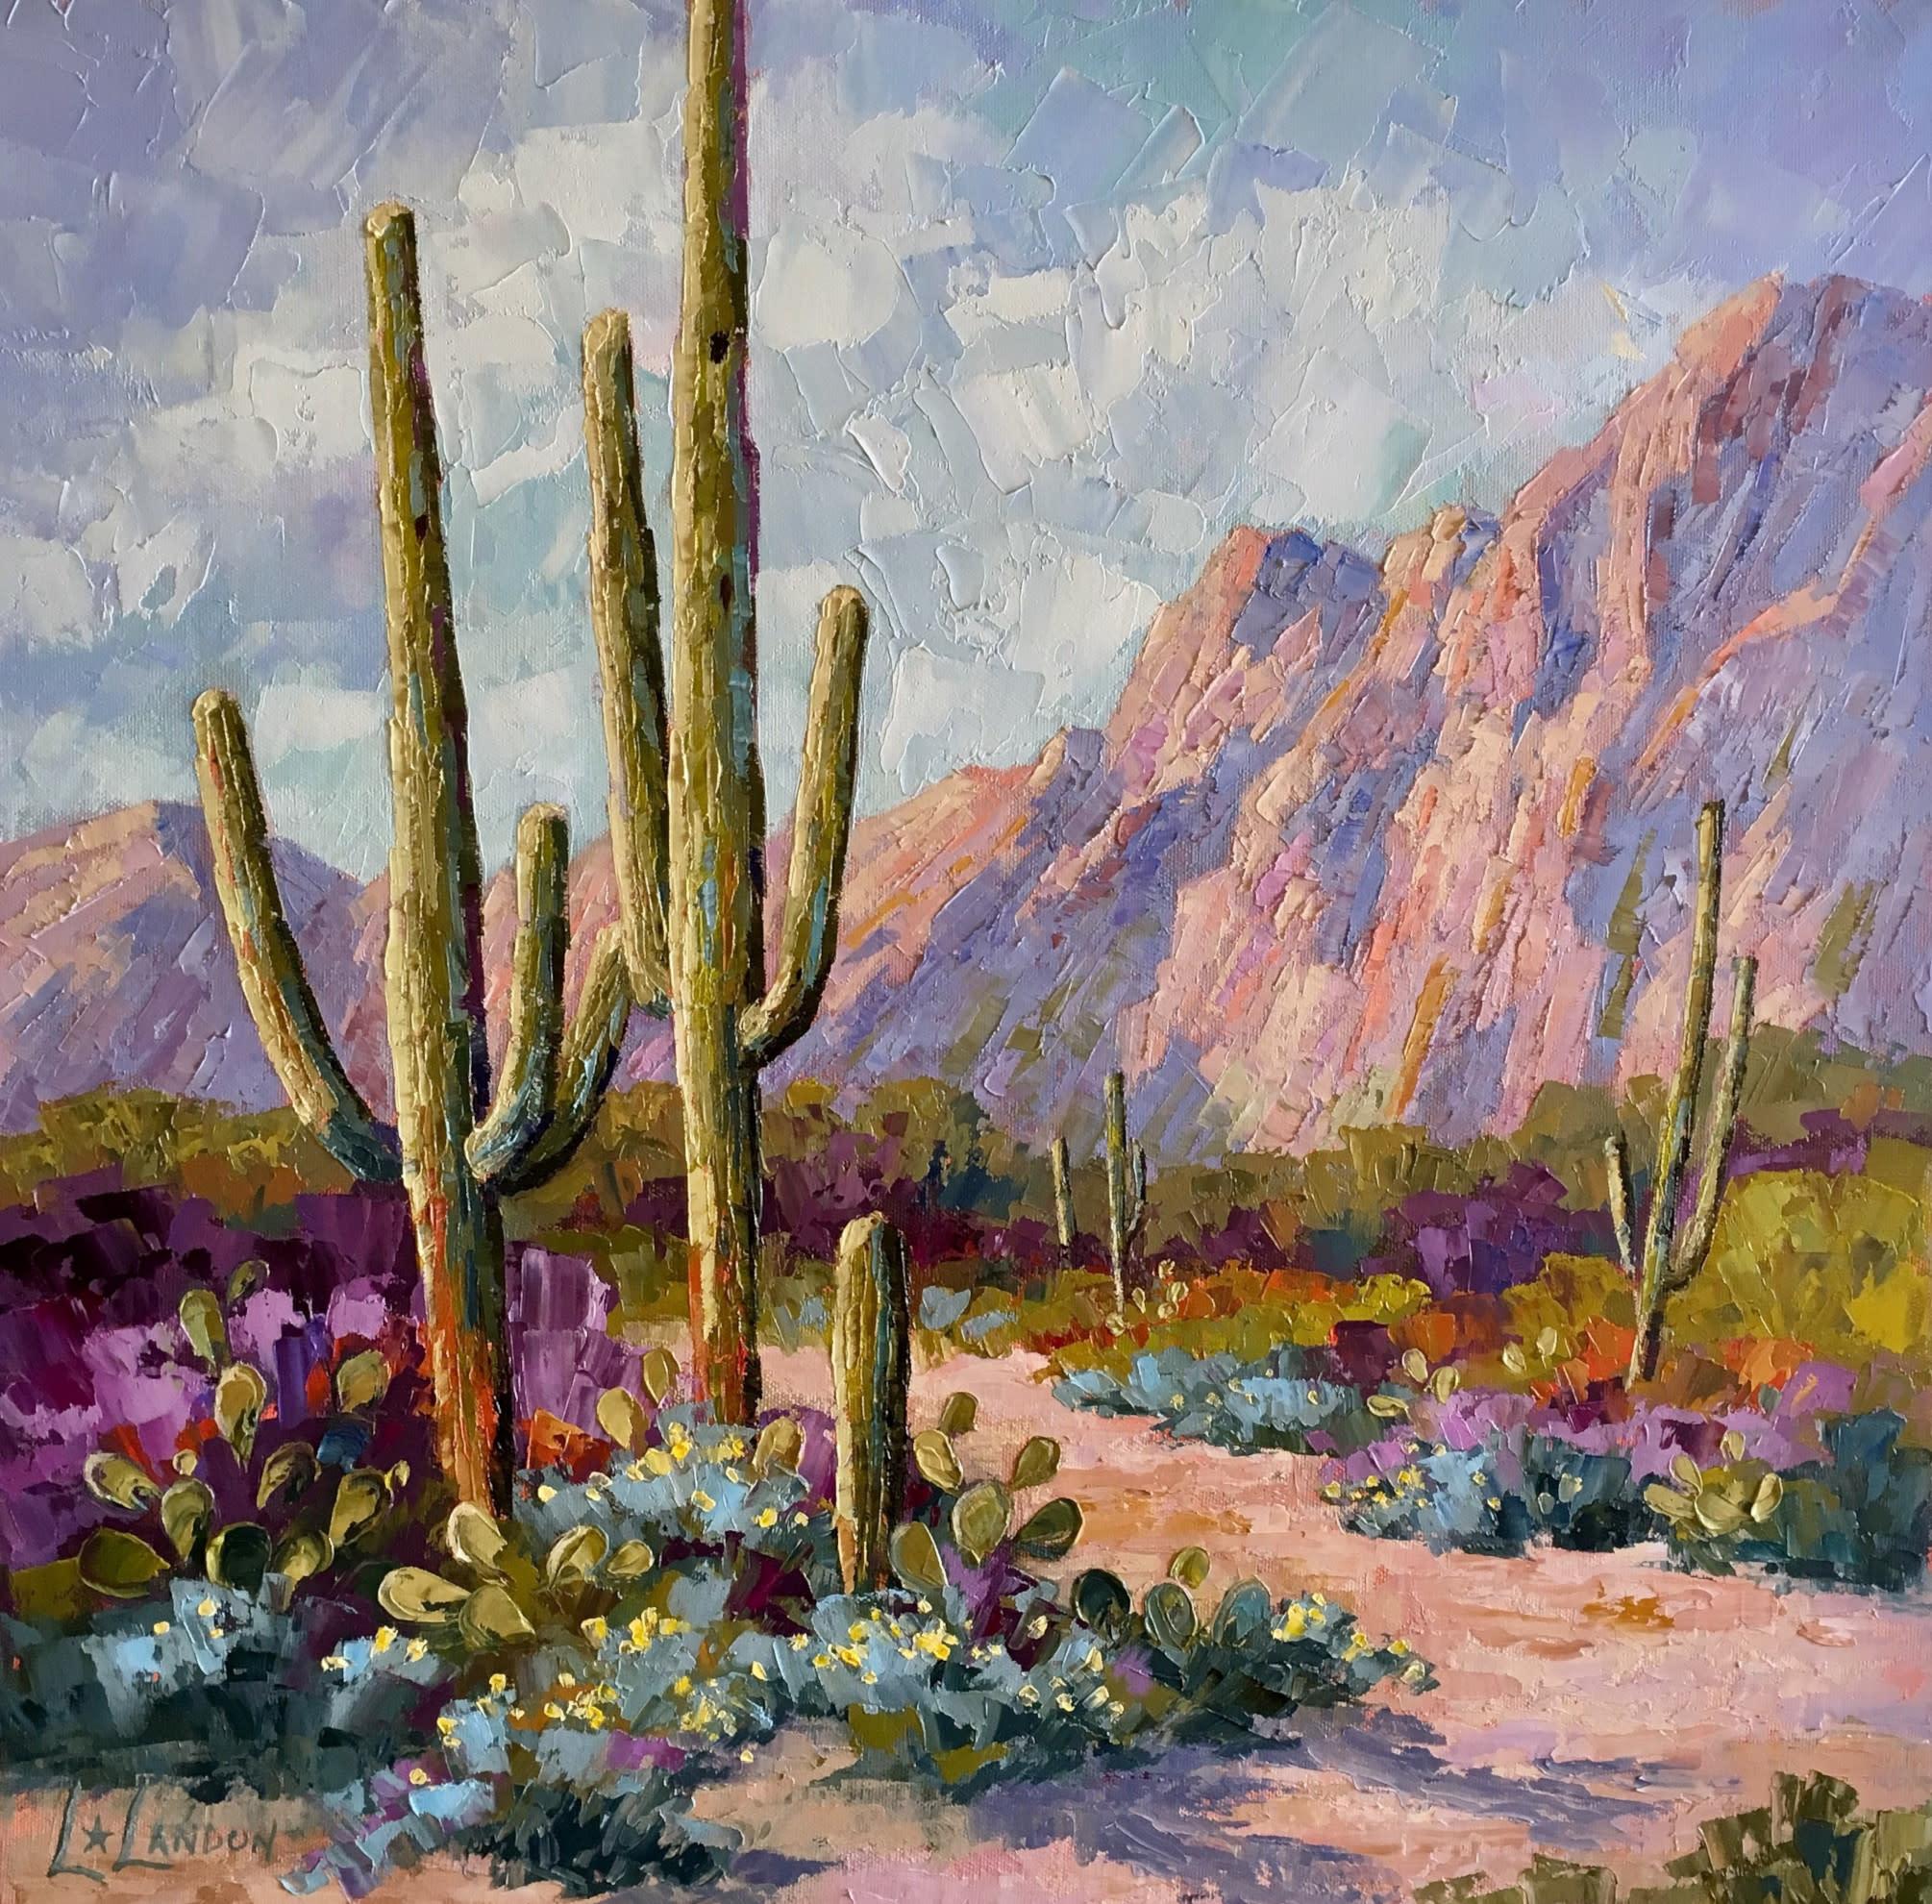 Call of the desert 4 asf wbst dacrcx